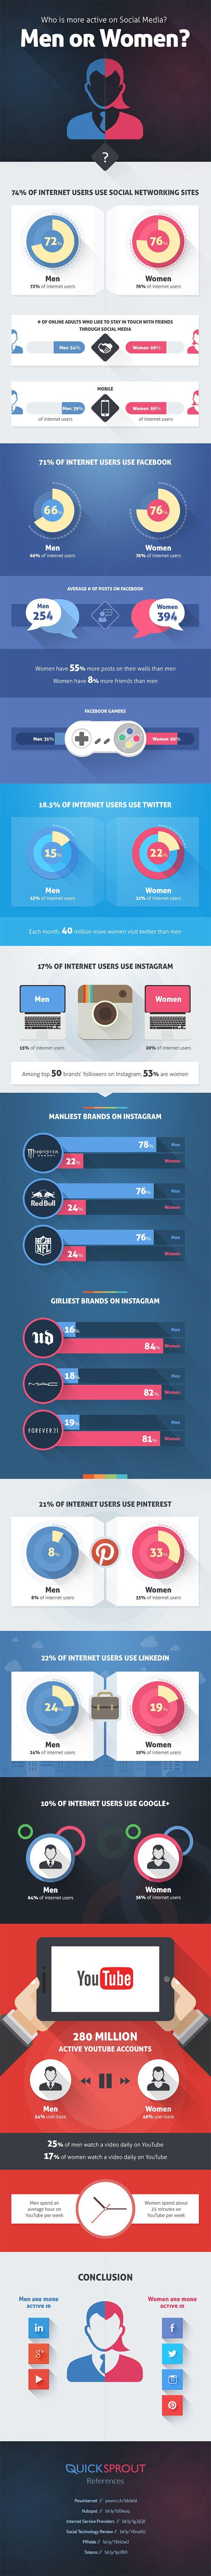 Damen oder Herren: Wer ist wo aktiver? Gender differences in #SocialMedia Networks. #Infographic